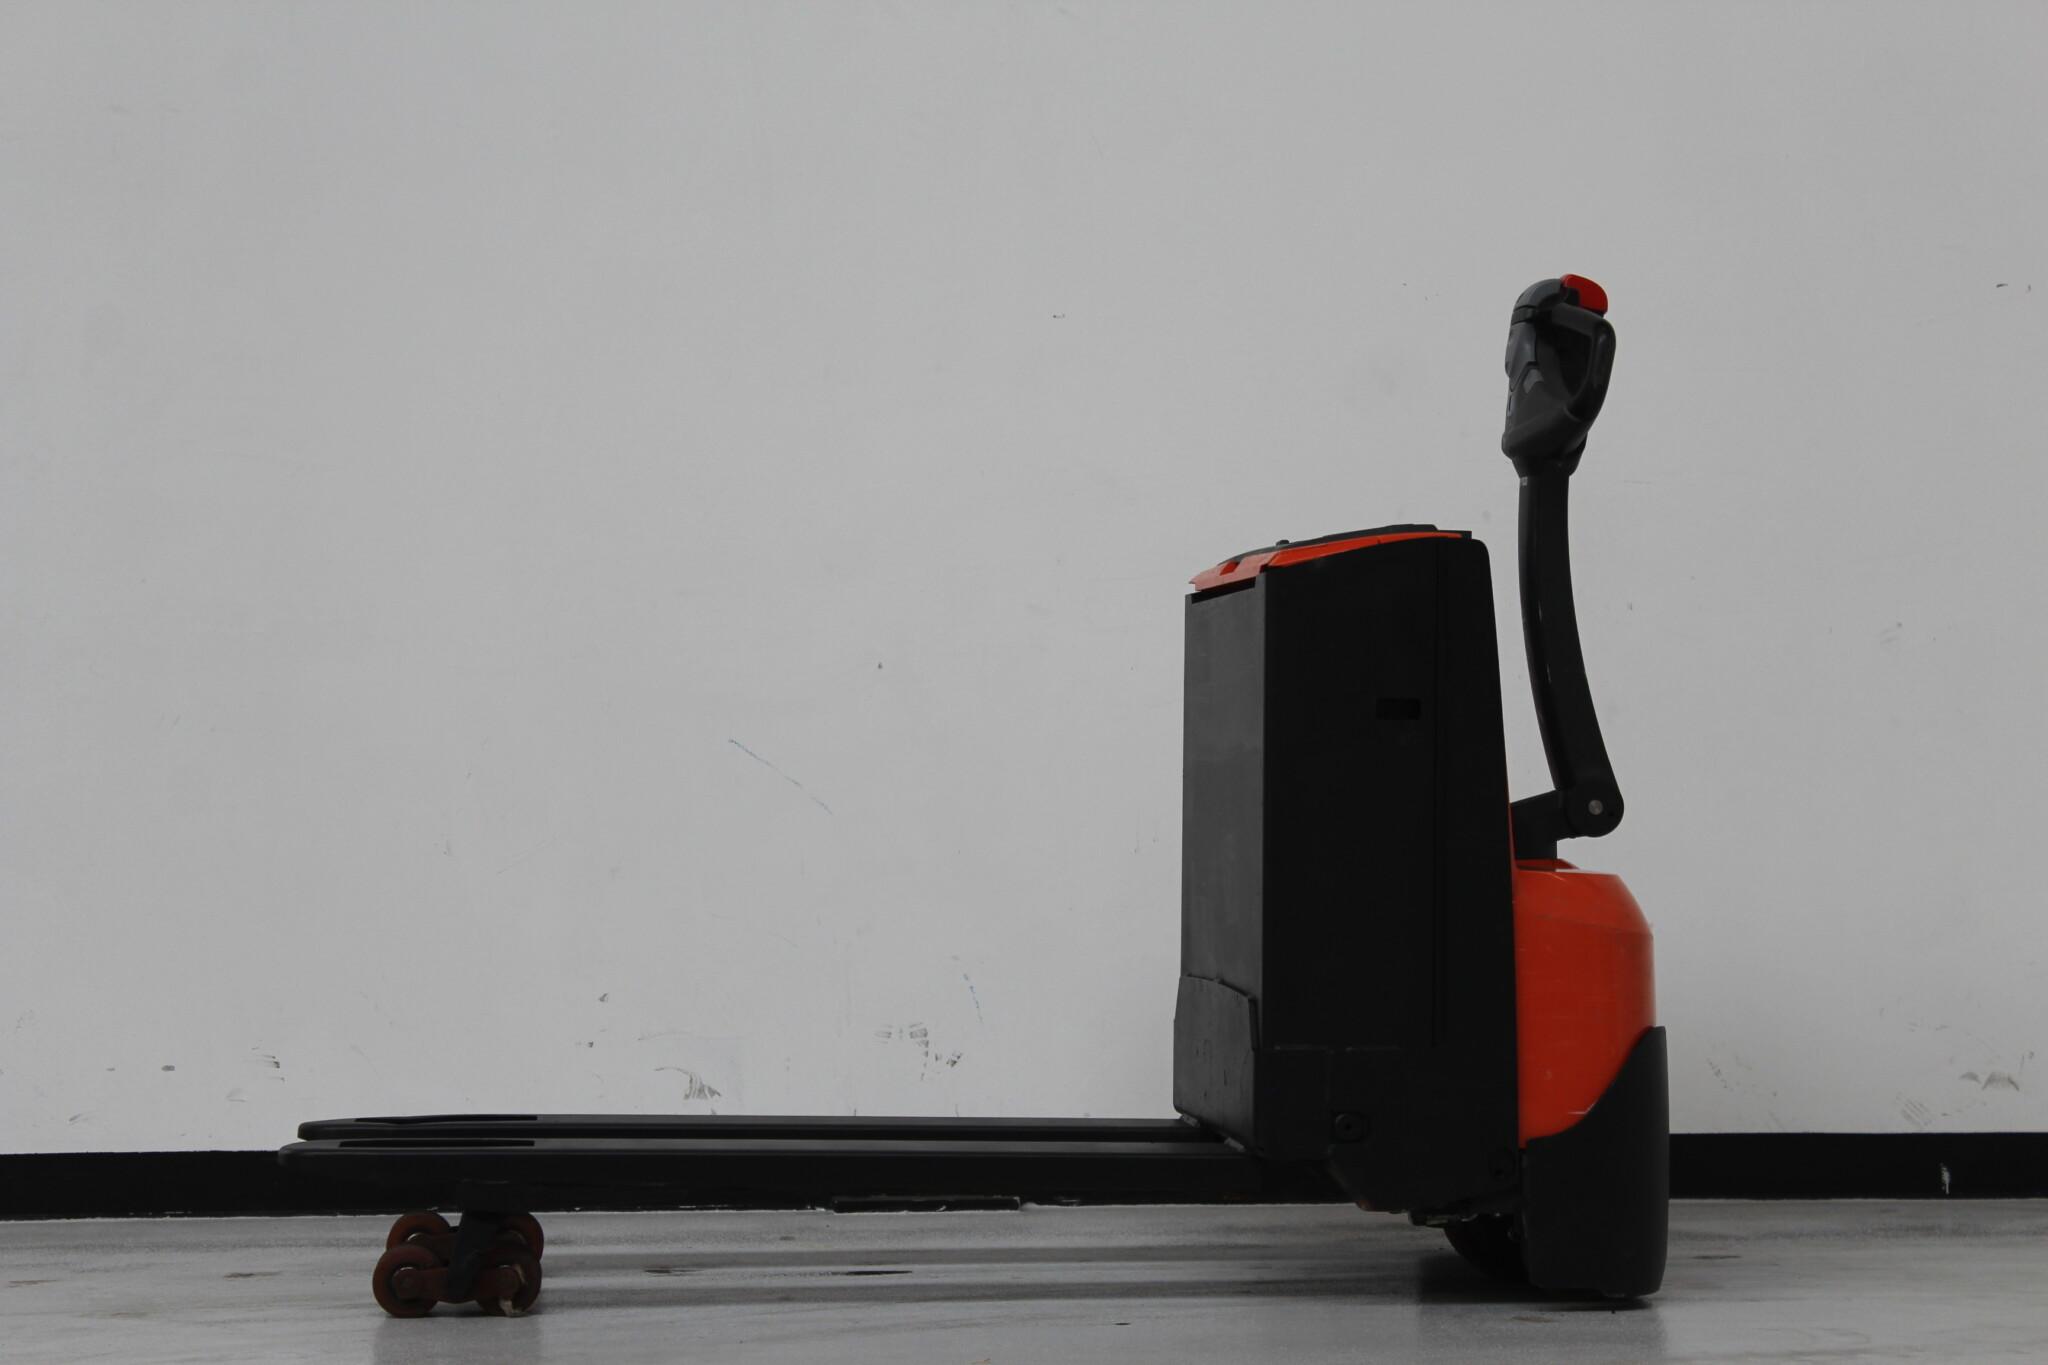 Toyota-Gabelstapler-59840 1802020215 1 scaled